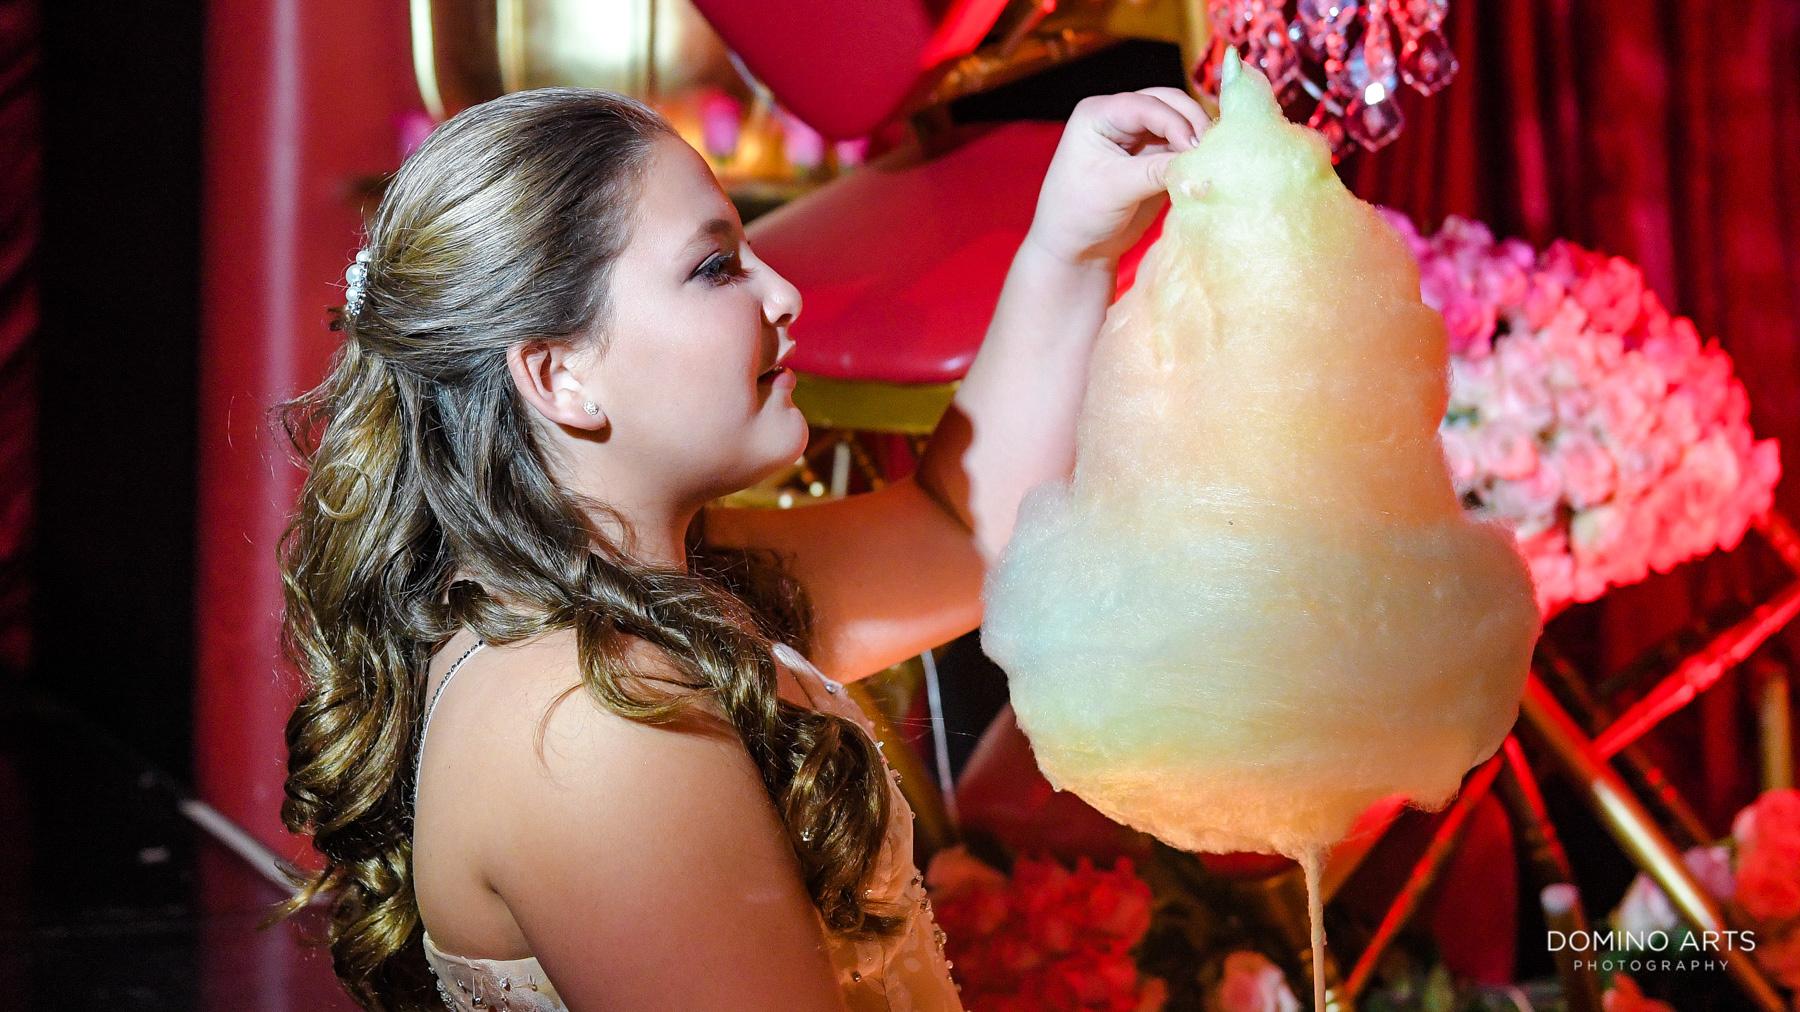 Unique fun decor at Luxury Bat Mitzvah at Faena Hotel Theater Miami Beach